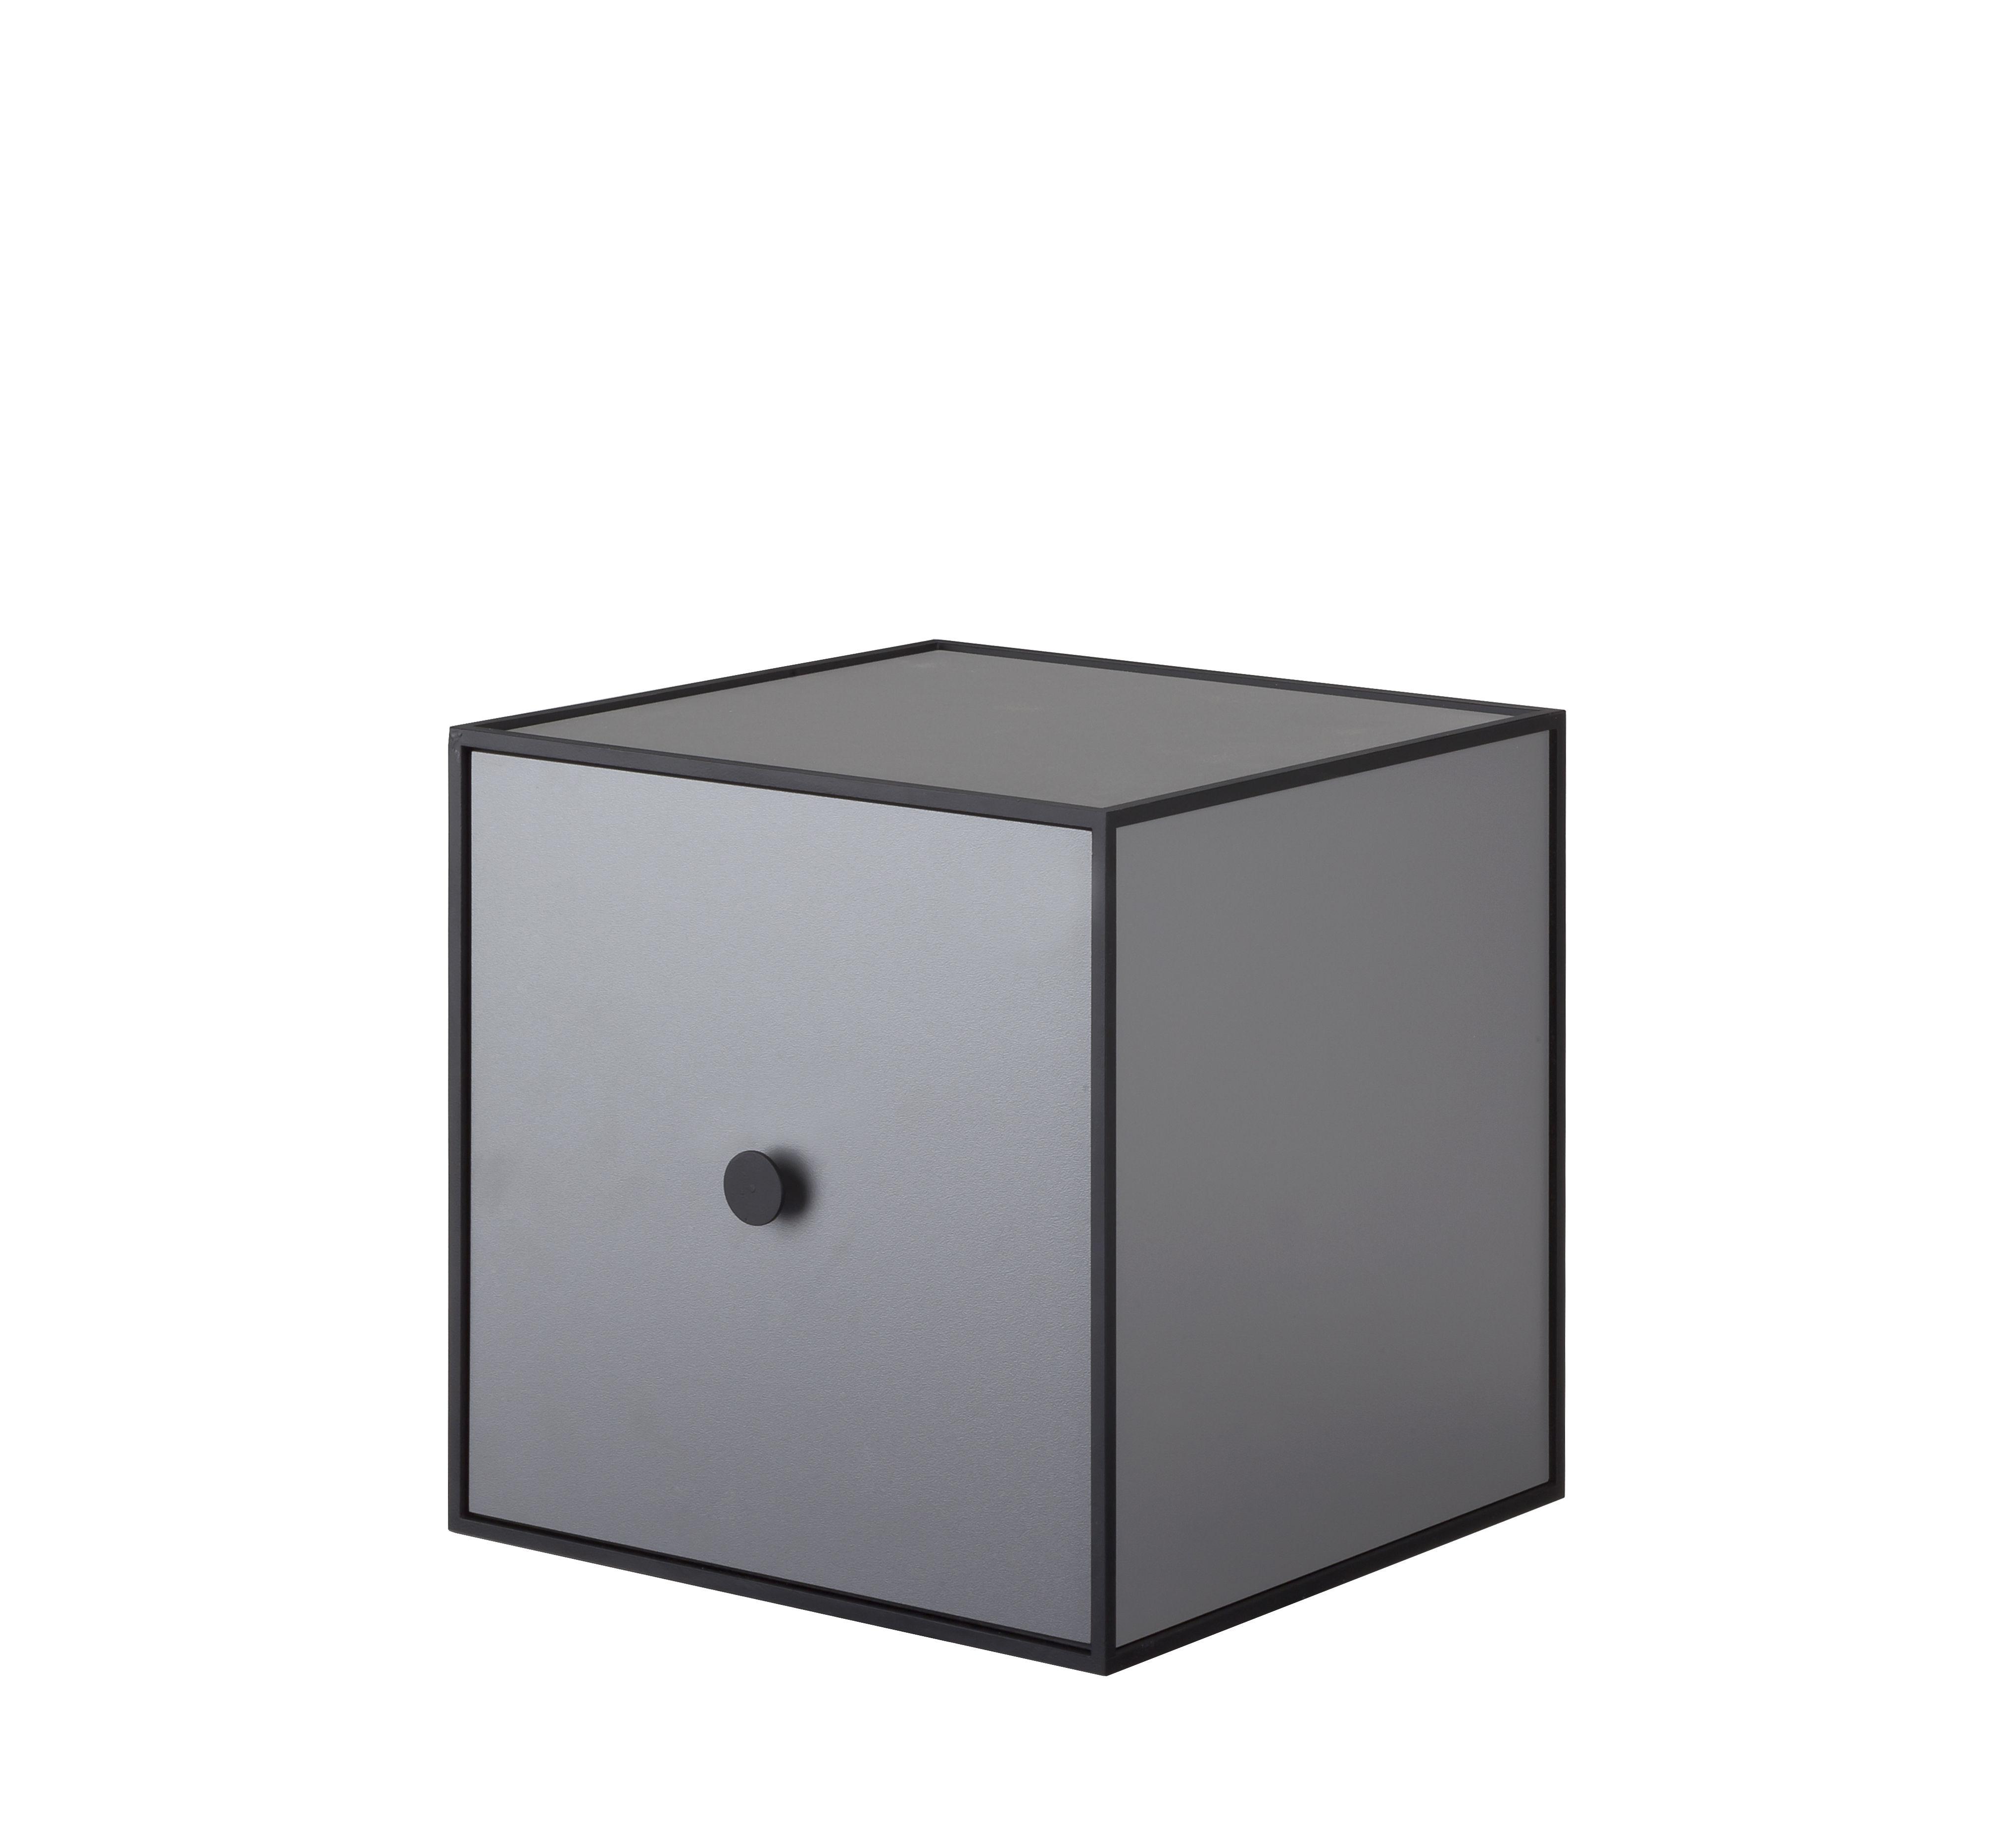 Mobilier - Etagères & bibliothèques - Etagère Frame / Boîte - 28x28 cm - by Lassen - Gris foncé - Mélamine, Métal laqué époxy